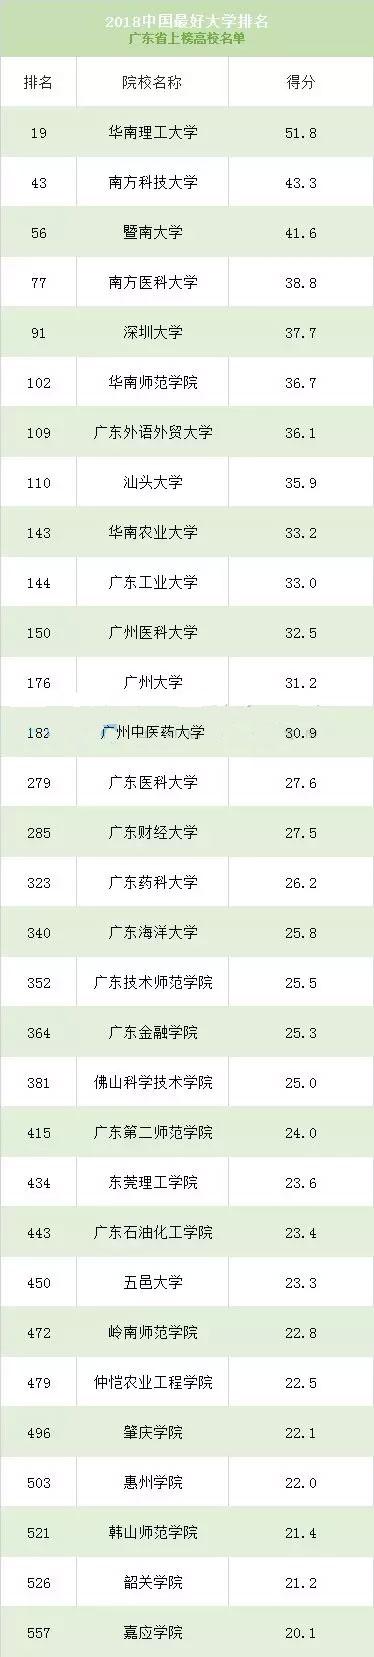 """2018""""中国最好大学排名""""正式发布"""